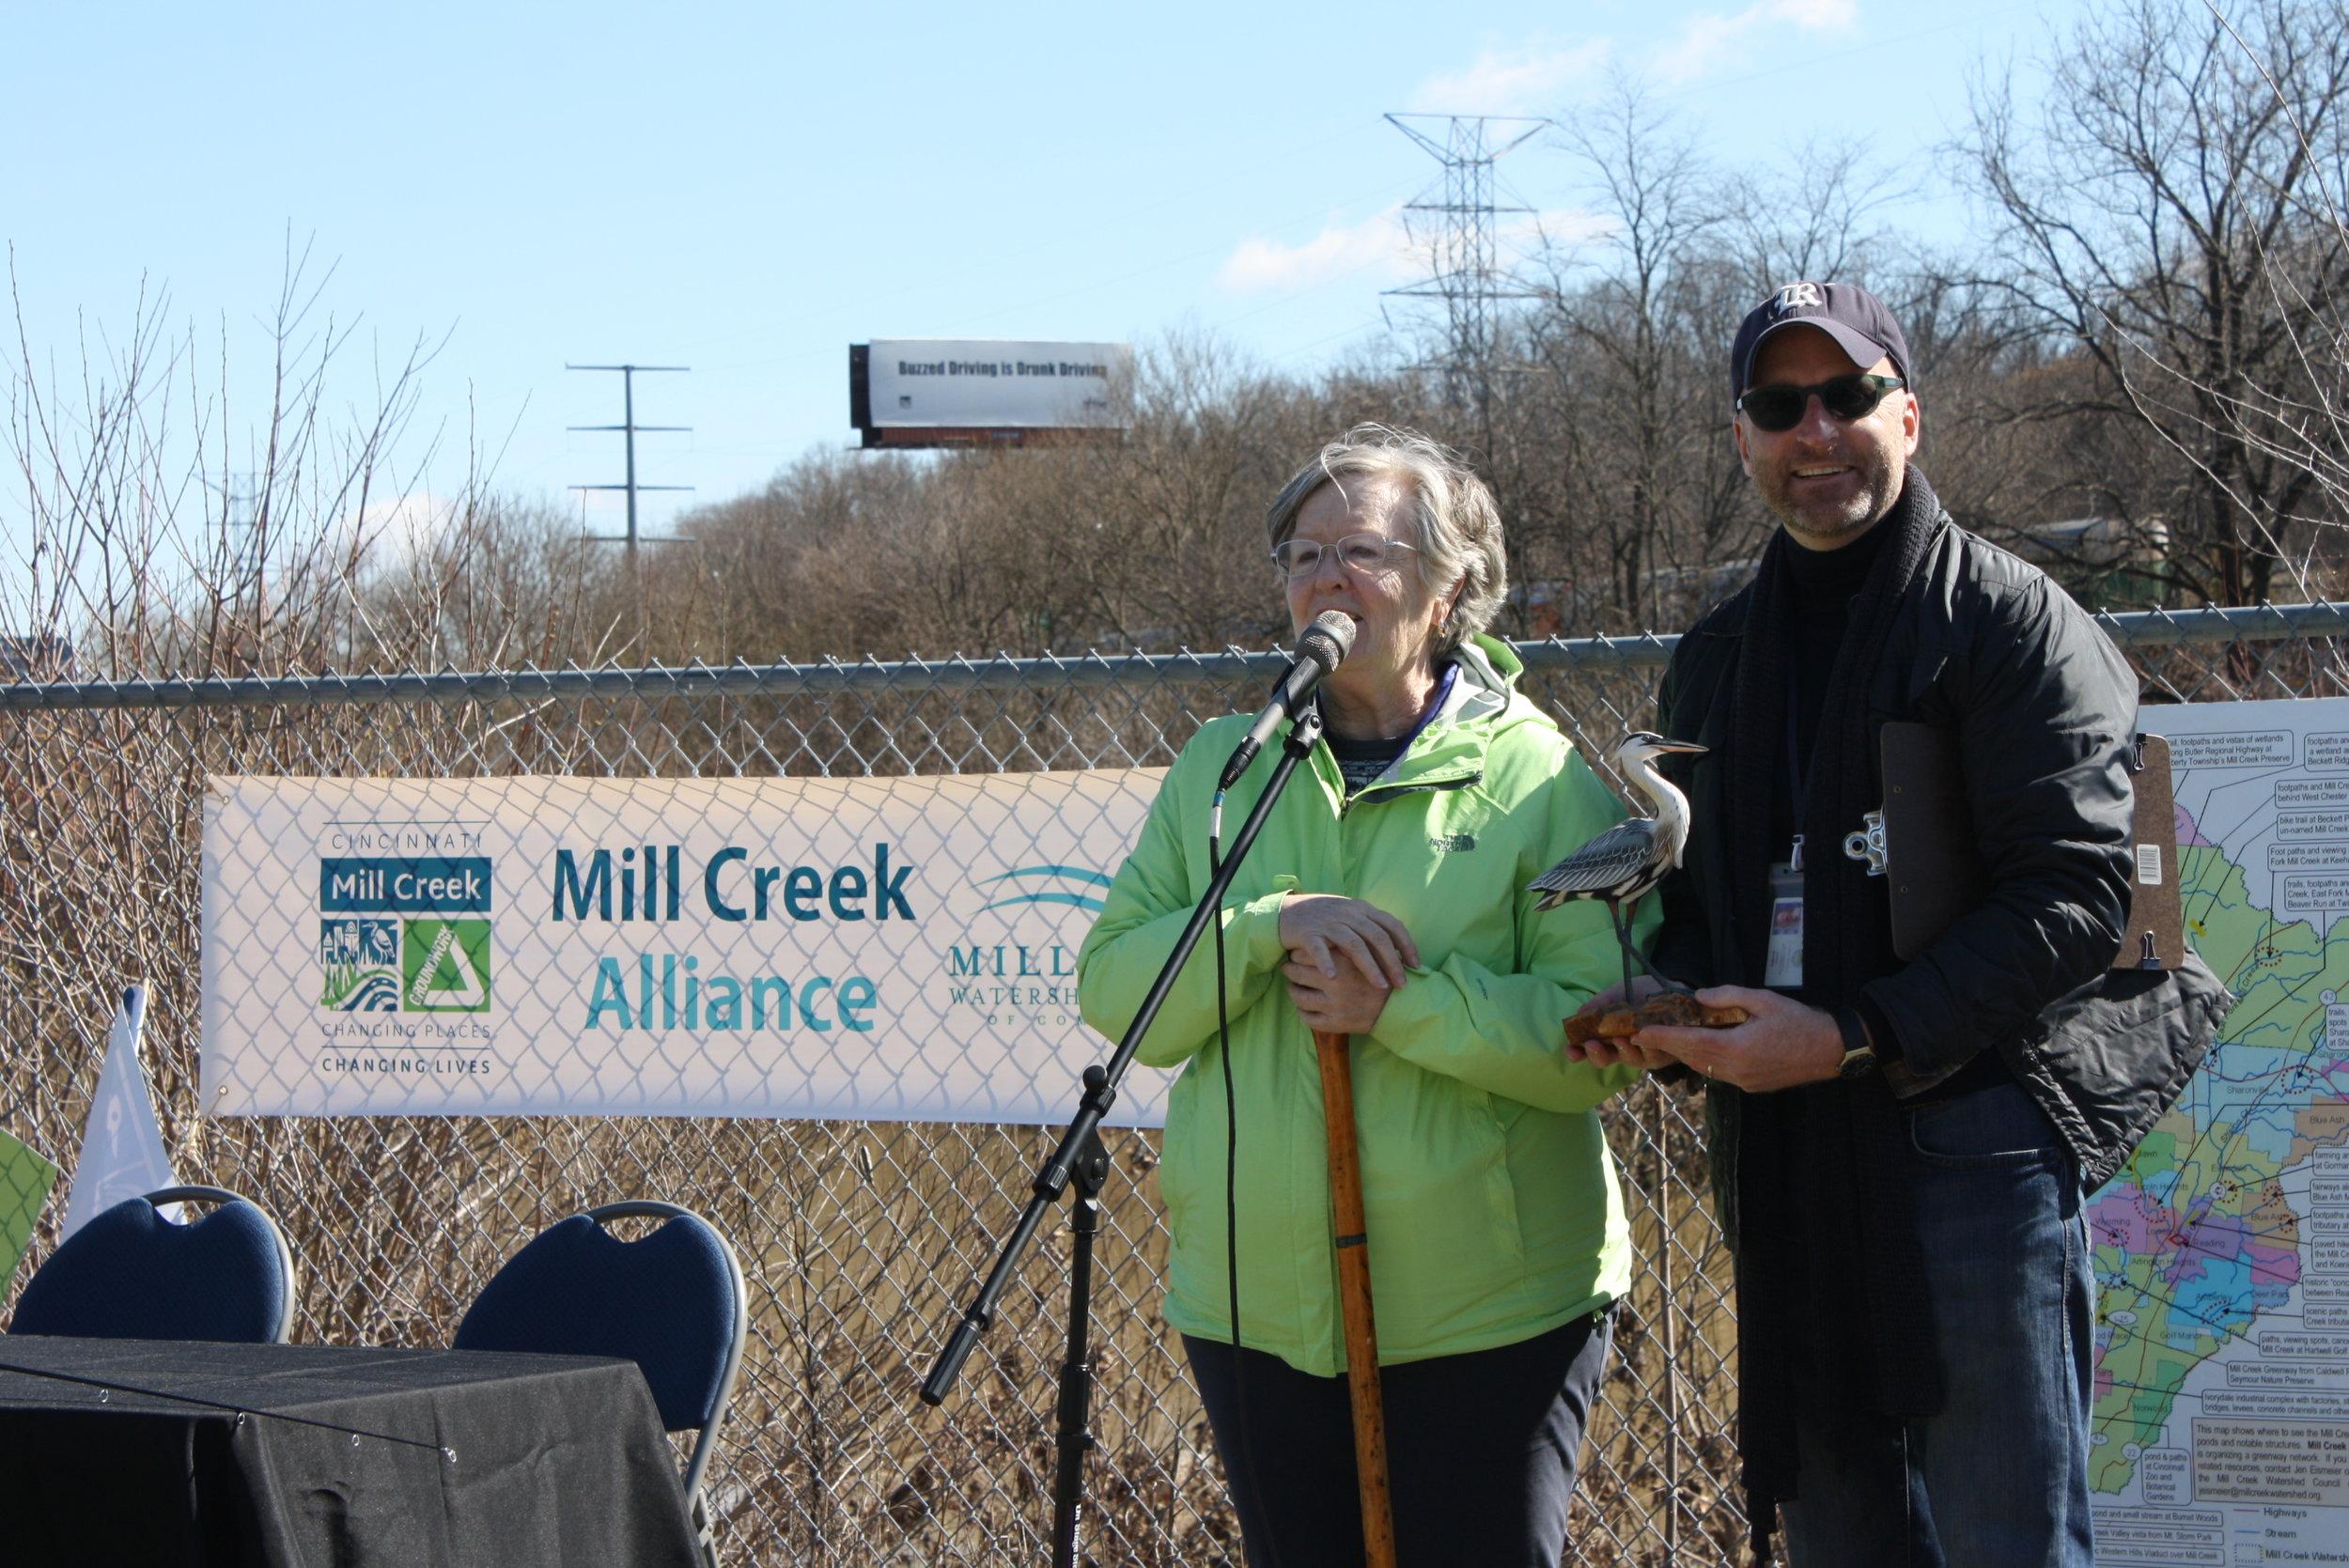 Mill Creek Alliance - press conf - Pat & Steve at mic.JPG